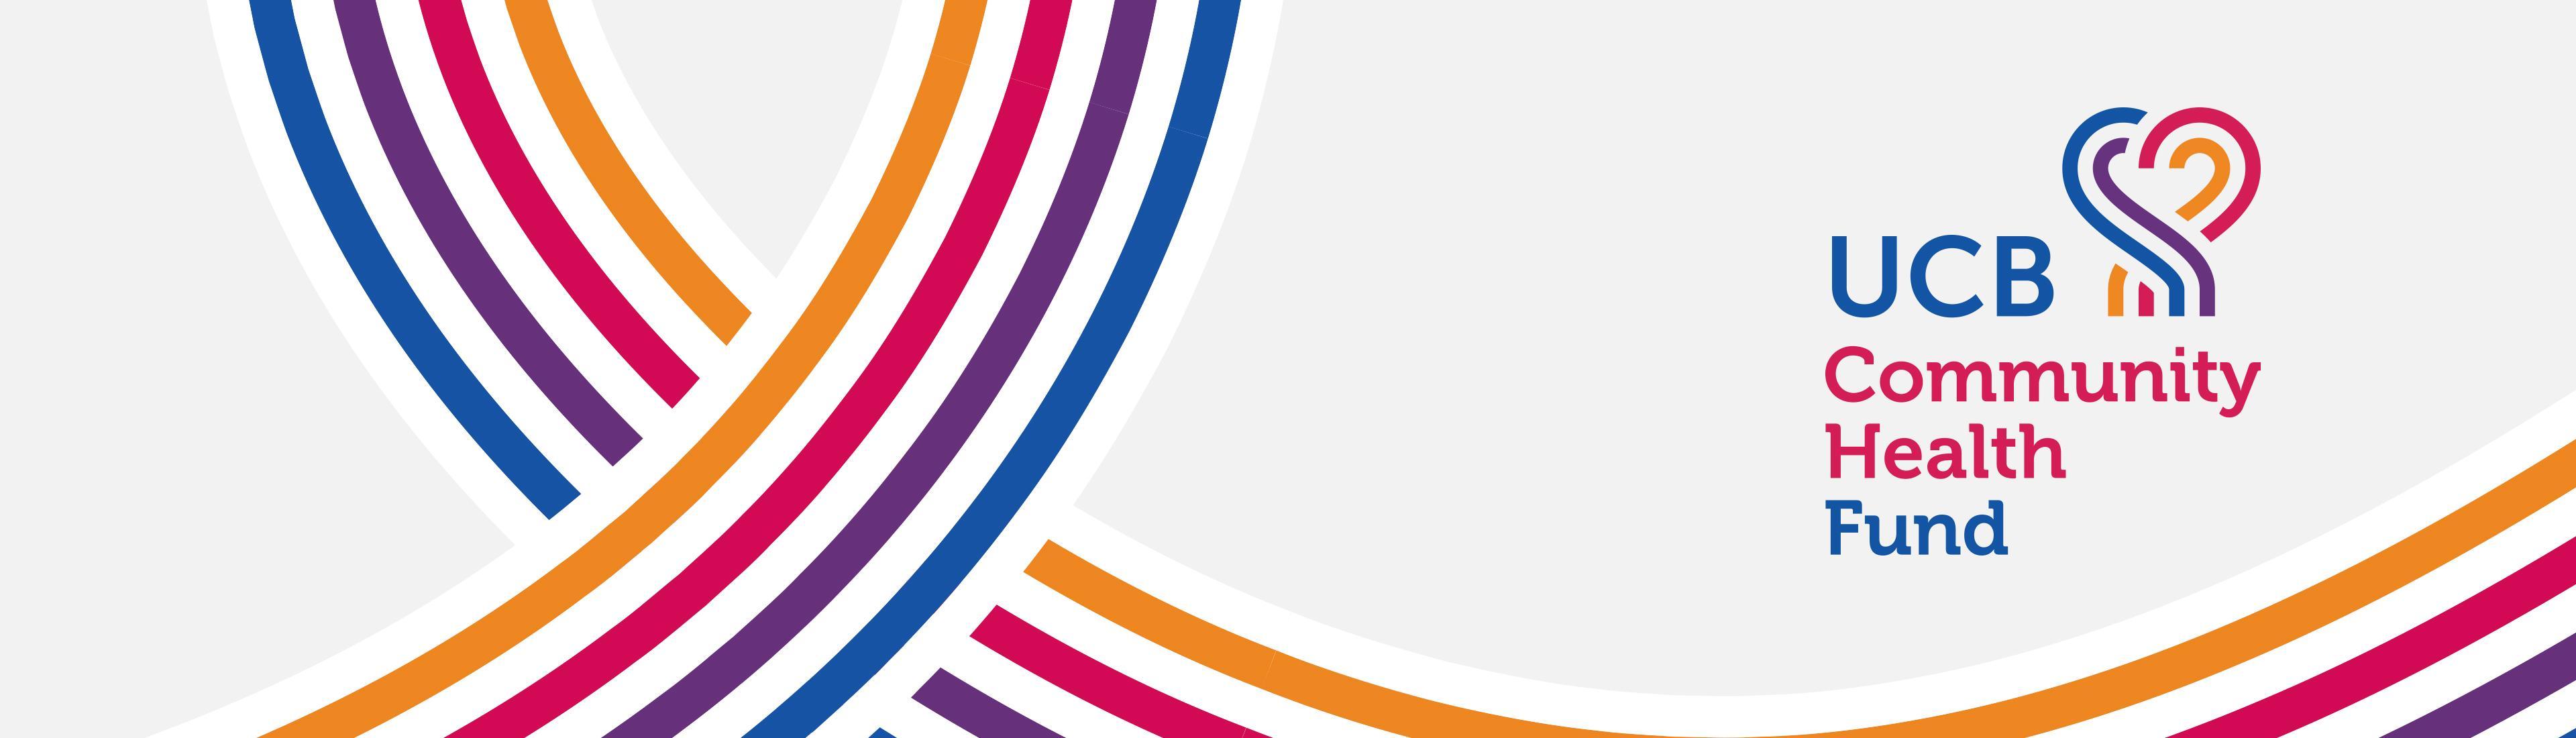 UCB Community Health Fund logo